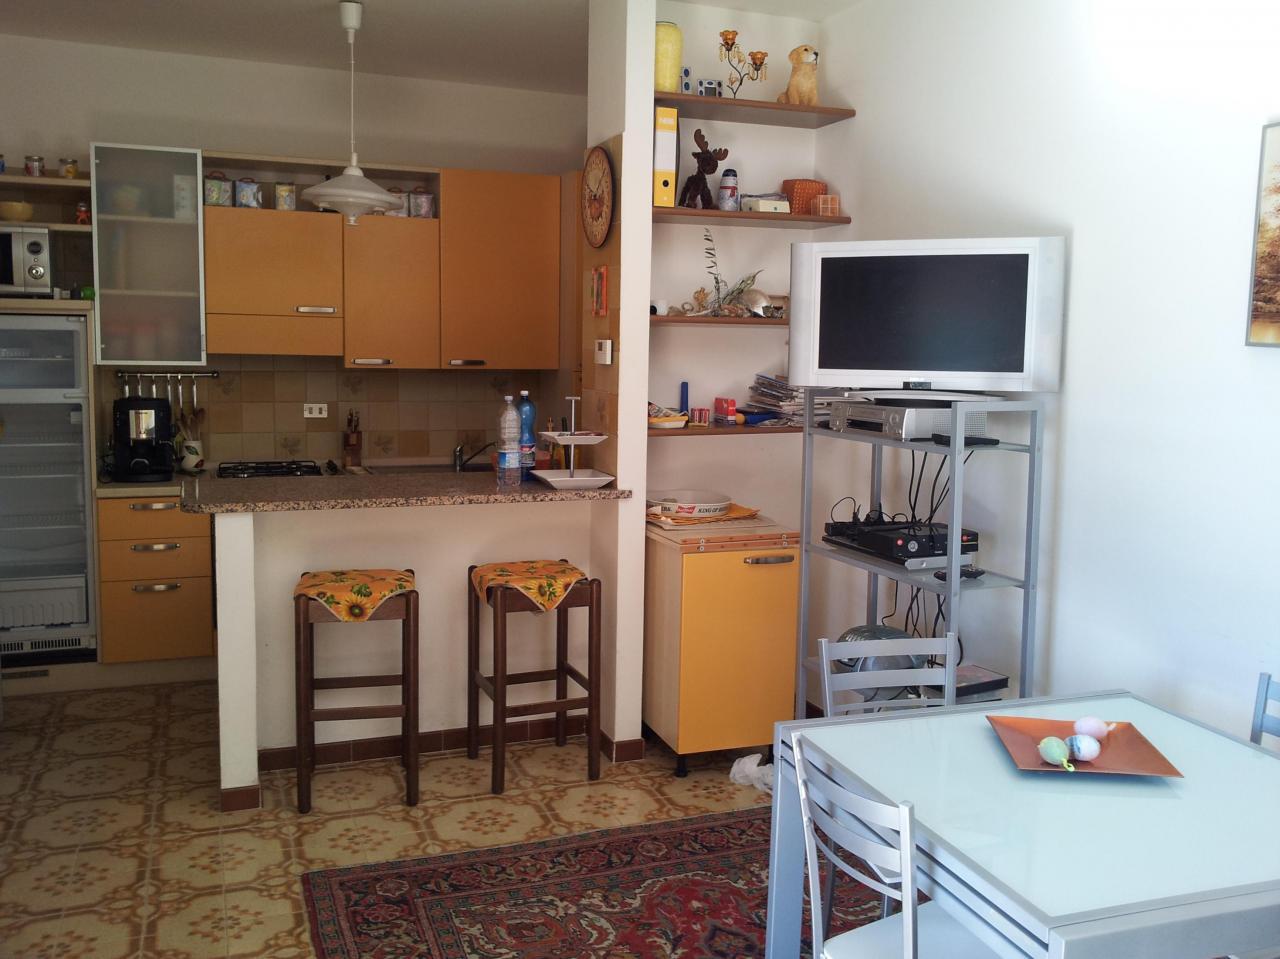 Appartamento in vendita a Tovo San Giacomo, 3 locali, zona Zona: Giorni, prezzo € 140.000 | Cambio Casa.it